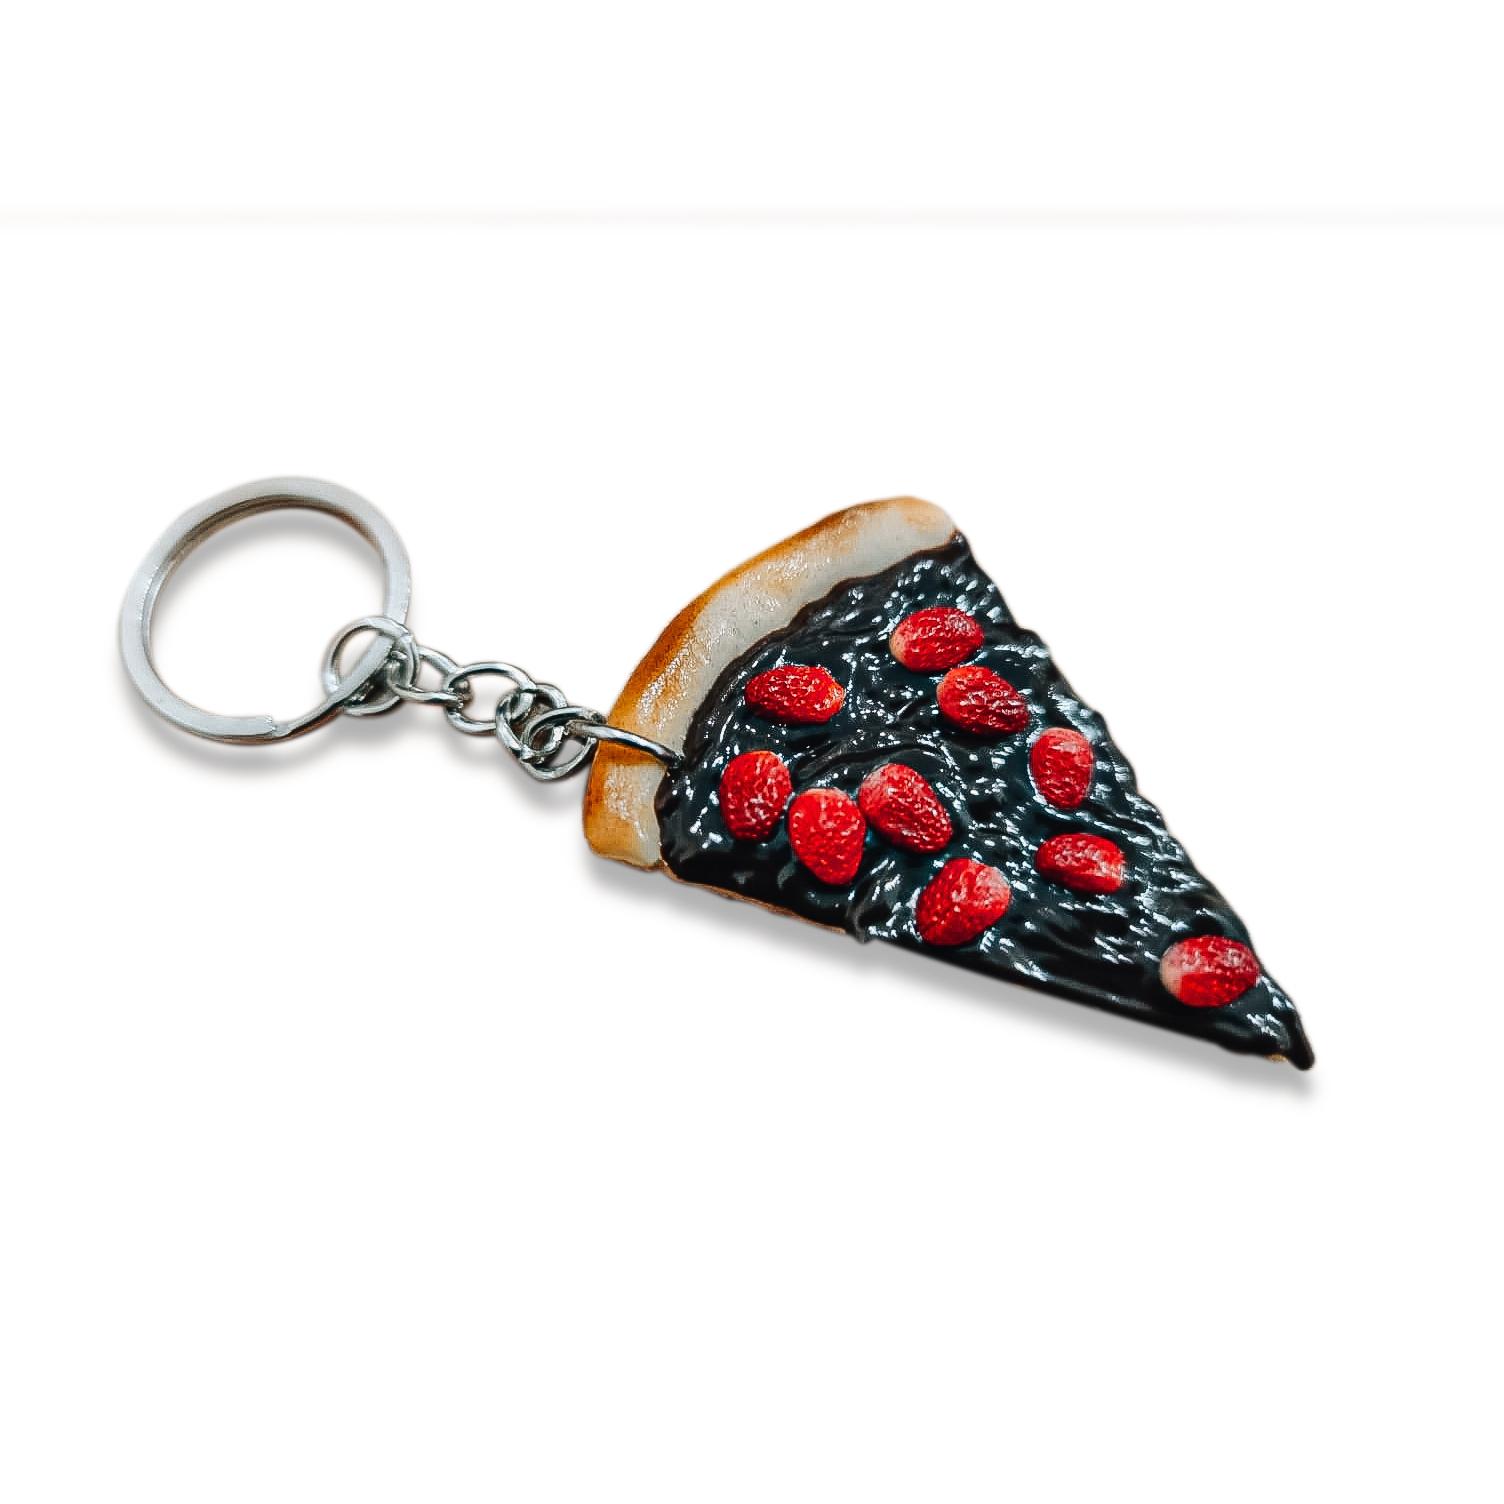 Chaveiro de comida - Pizza de chocolate com morango